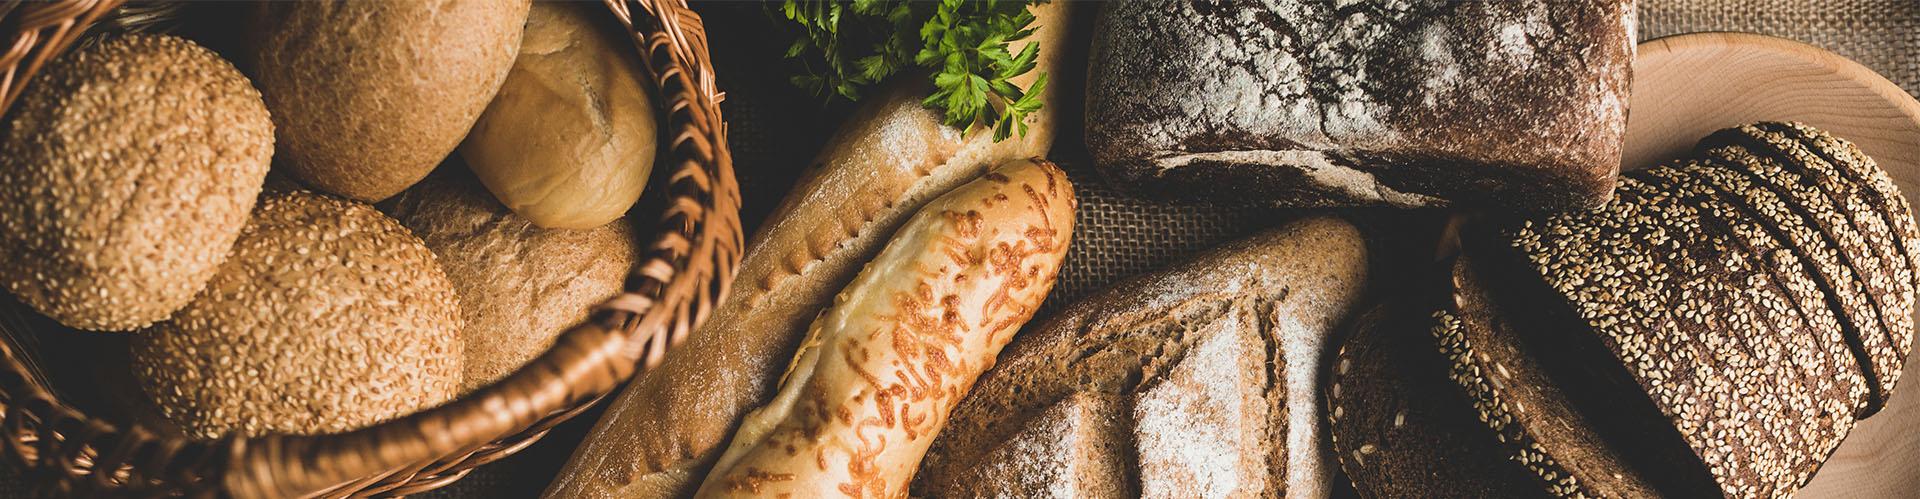 O que fazer com o pão amanhecido?